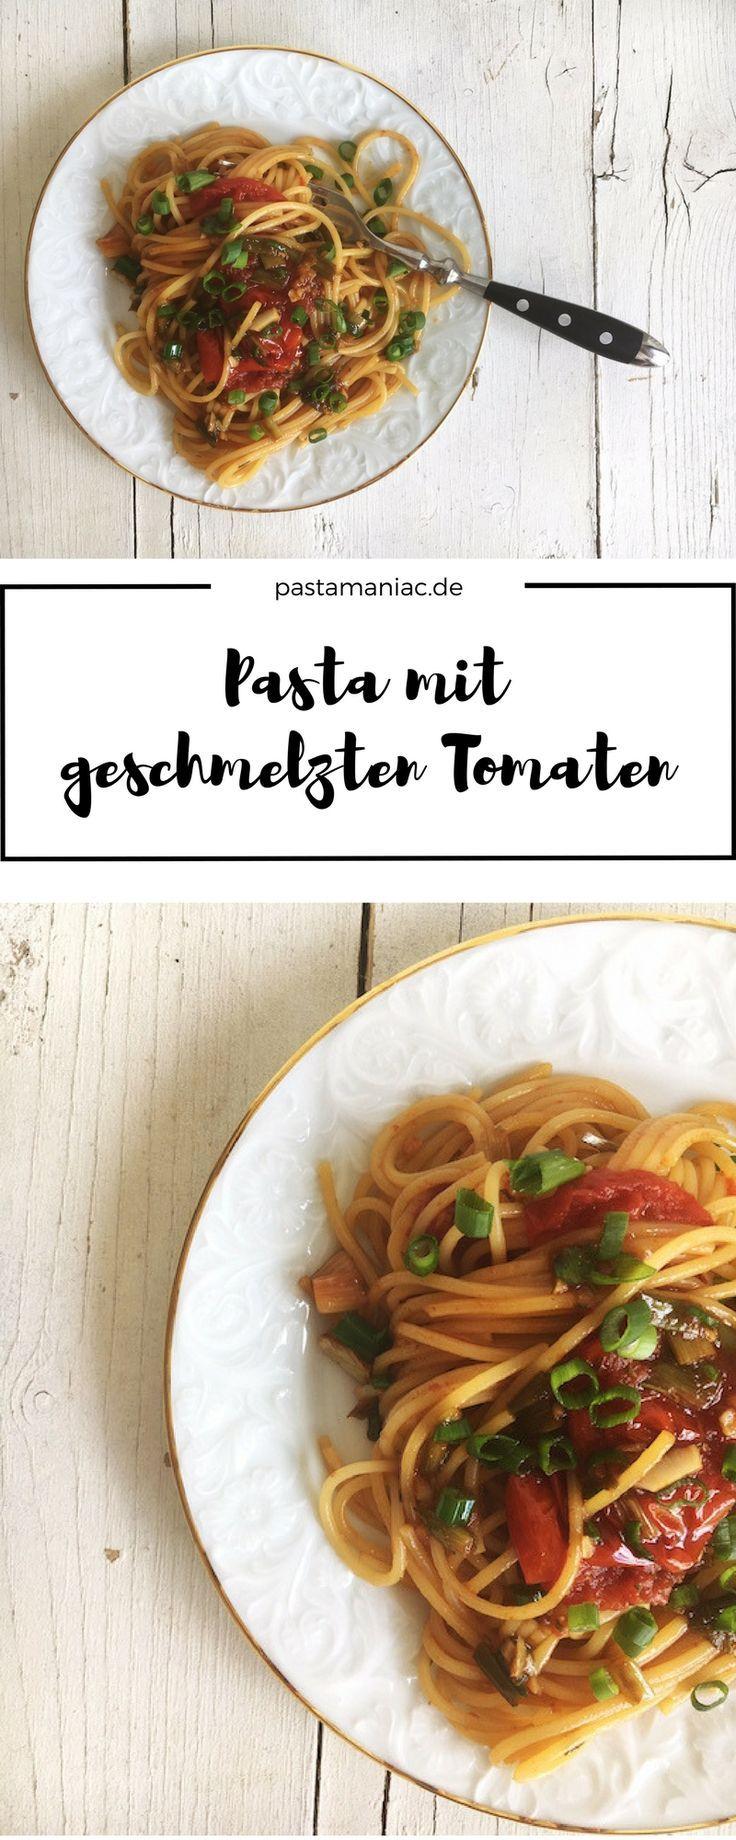 Ganz schnelle Sommerpasta mit Tomaten, Frühlingszwiebeln und mit Weißwein abgelöscht. Göttlich!  #rezept #nudeln #pasta #vegetarisch #spaghetti #rosmarin #knoblauch